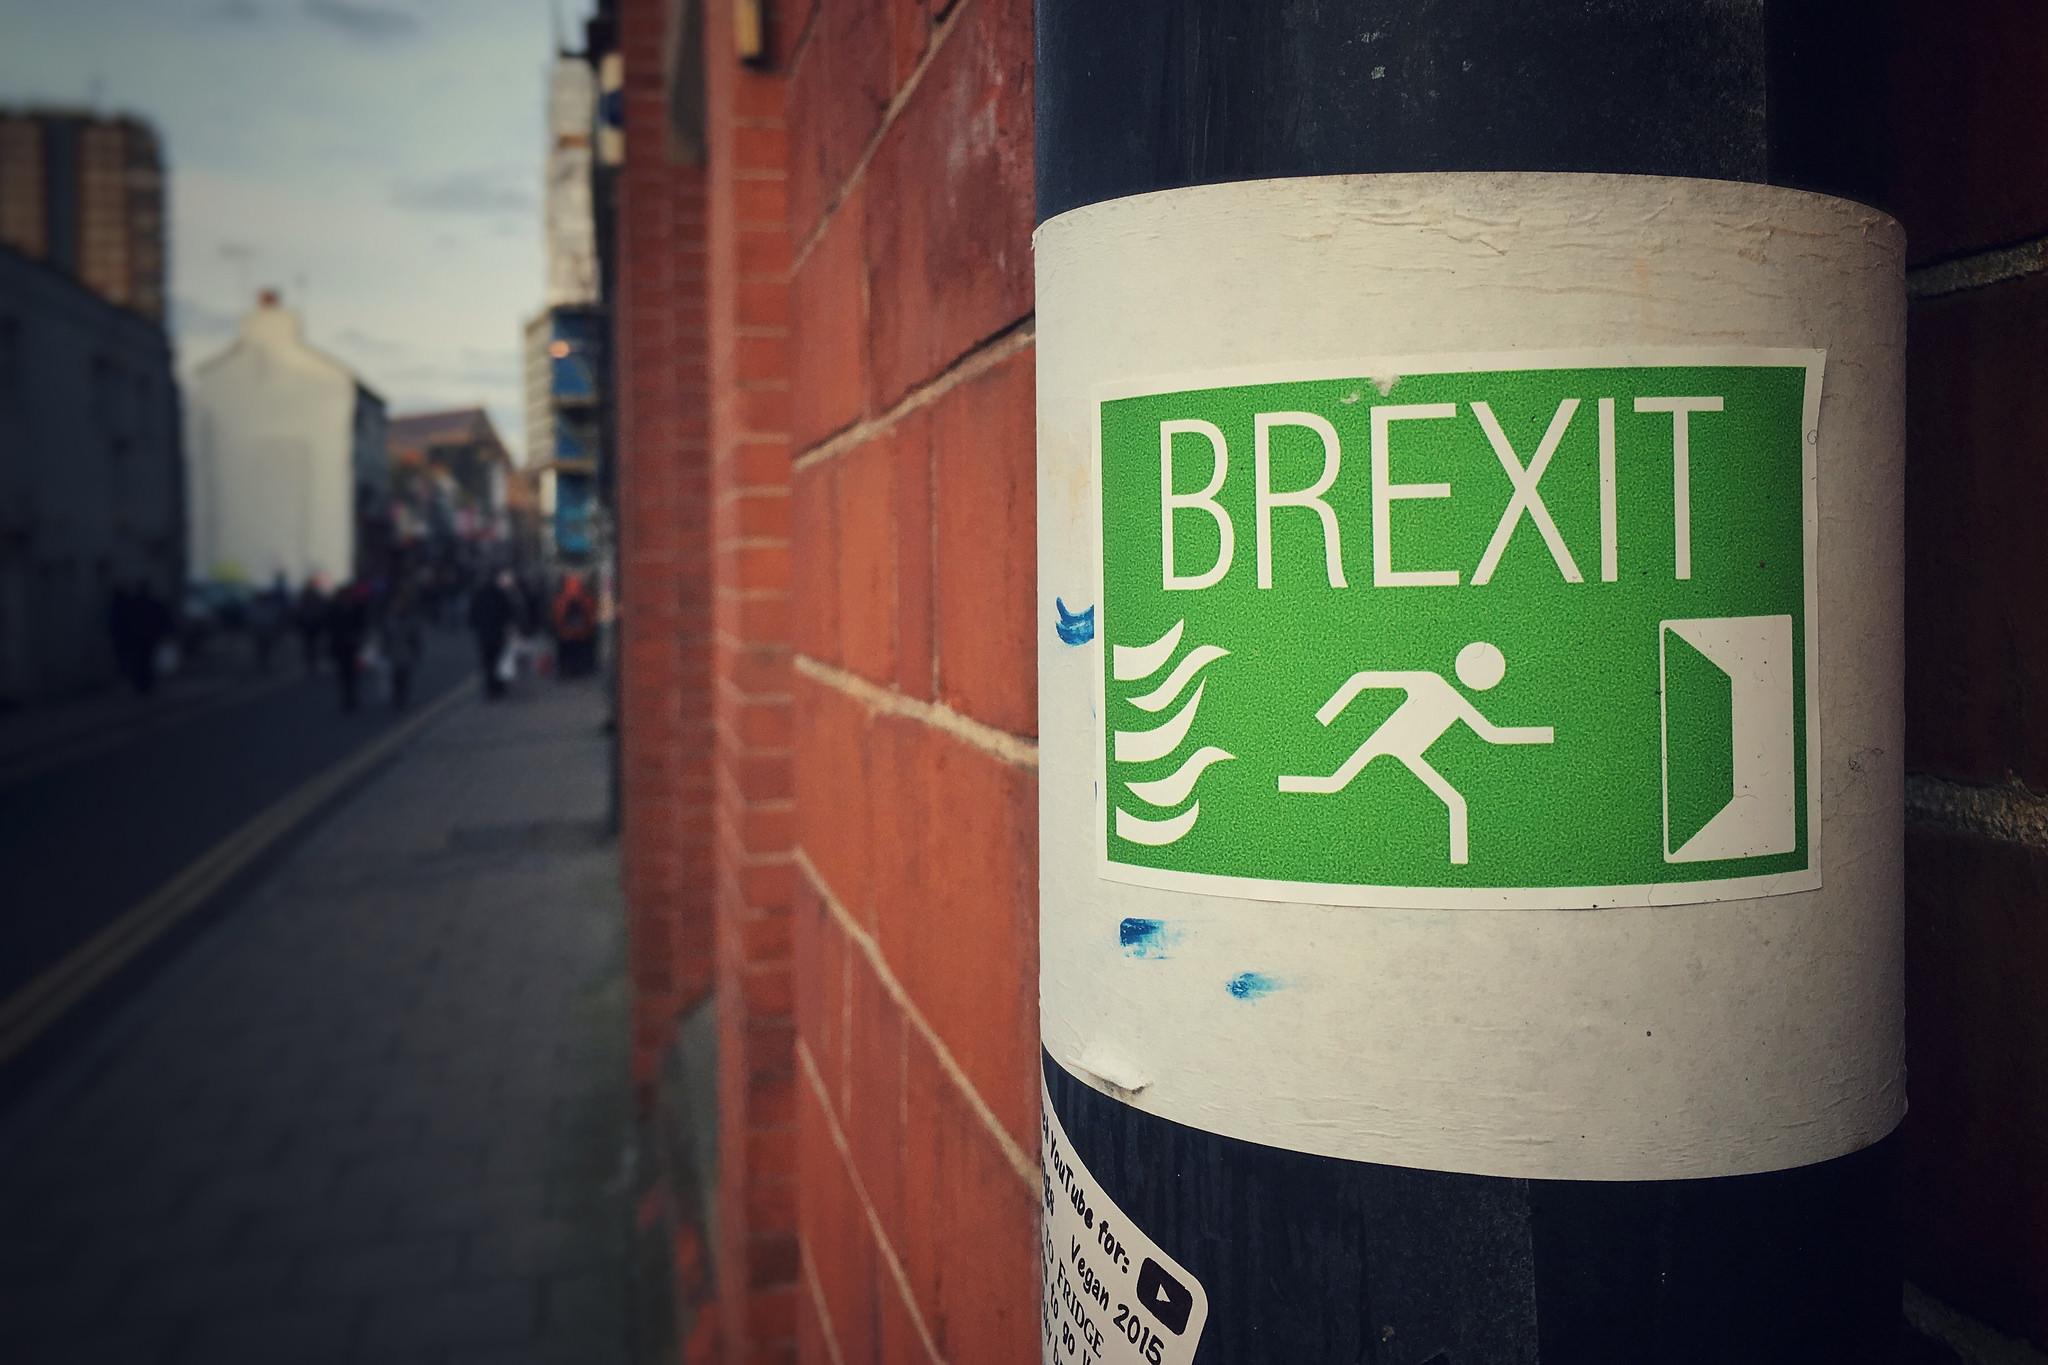 Umgestaltetes Feuer-Notausgangs-Schild wird zu Brexit-Schild.